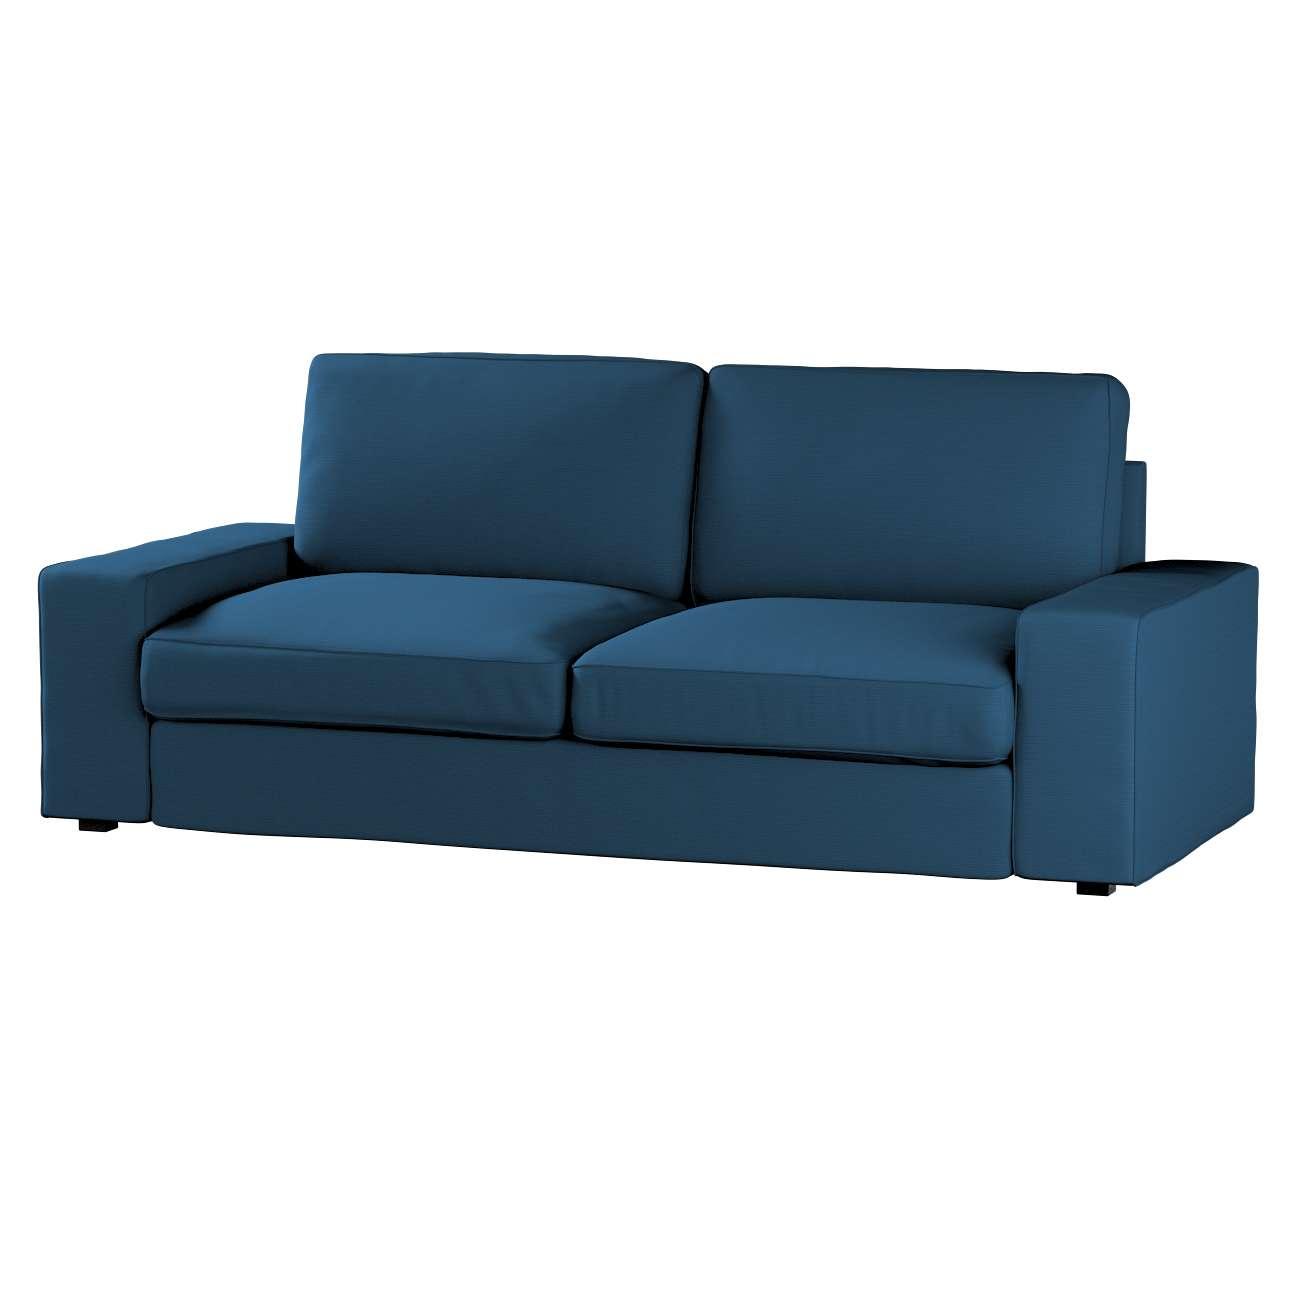 KIVIK trivietės sofos užvalkalas Kivik 3-seat sofa kolekcijoje Cotton Panama, audinys: 702-30